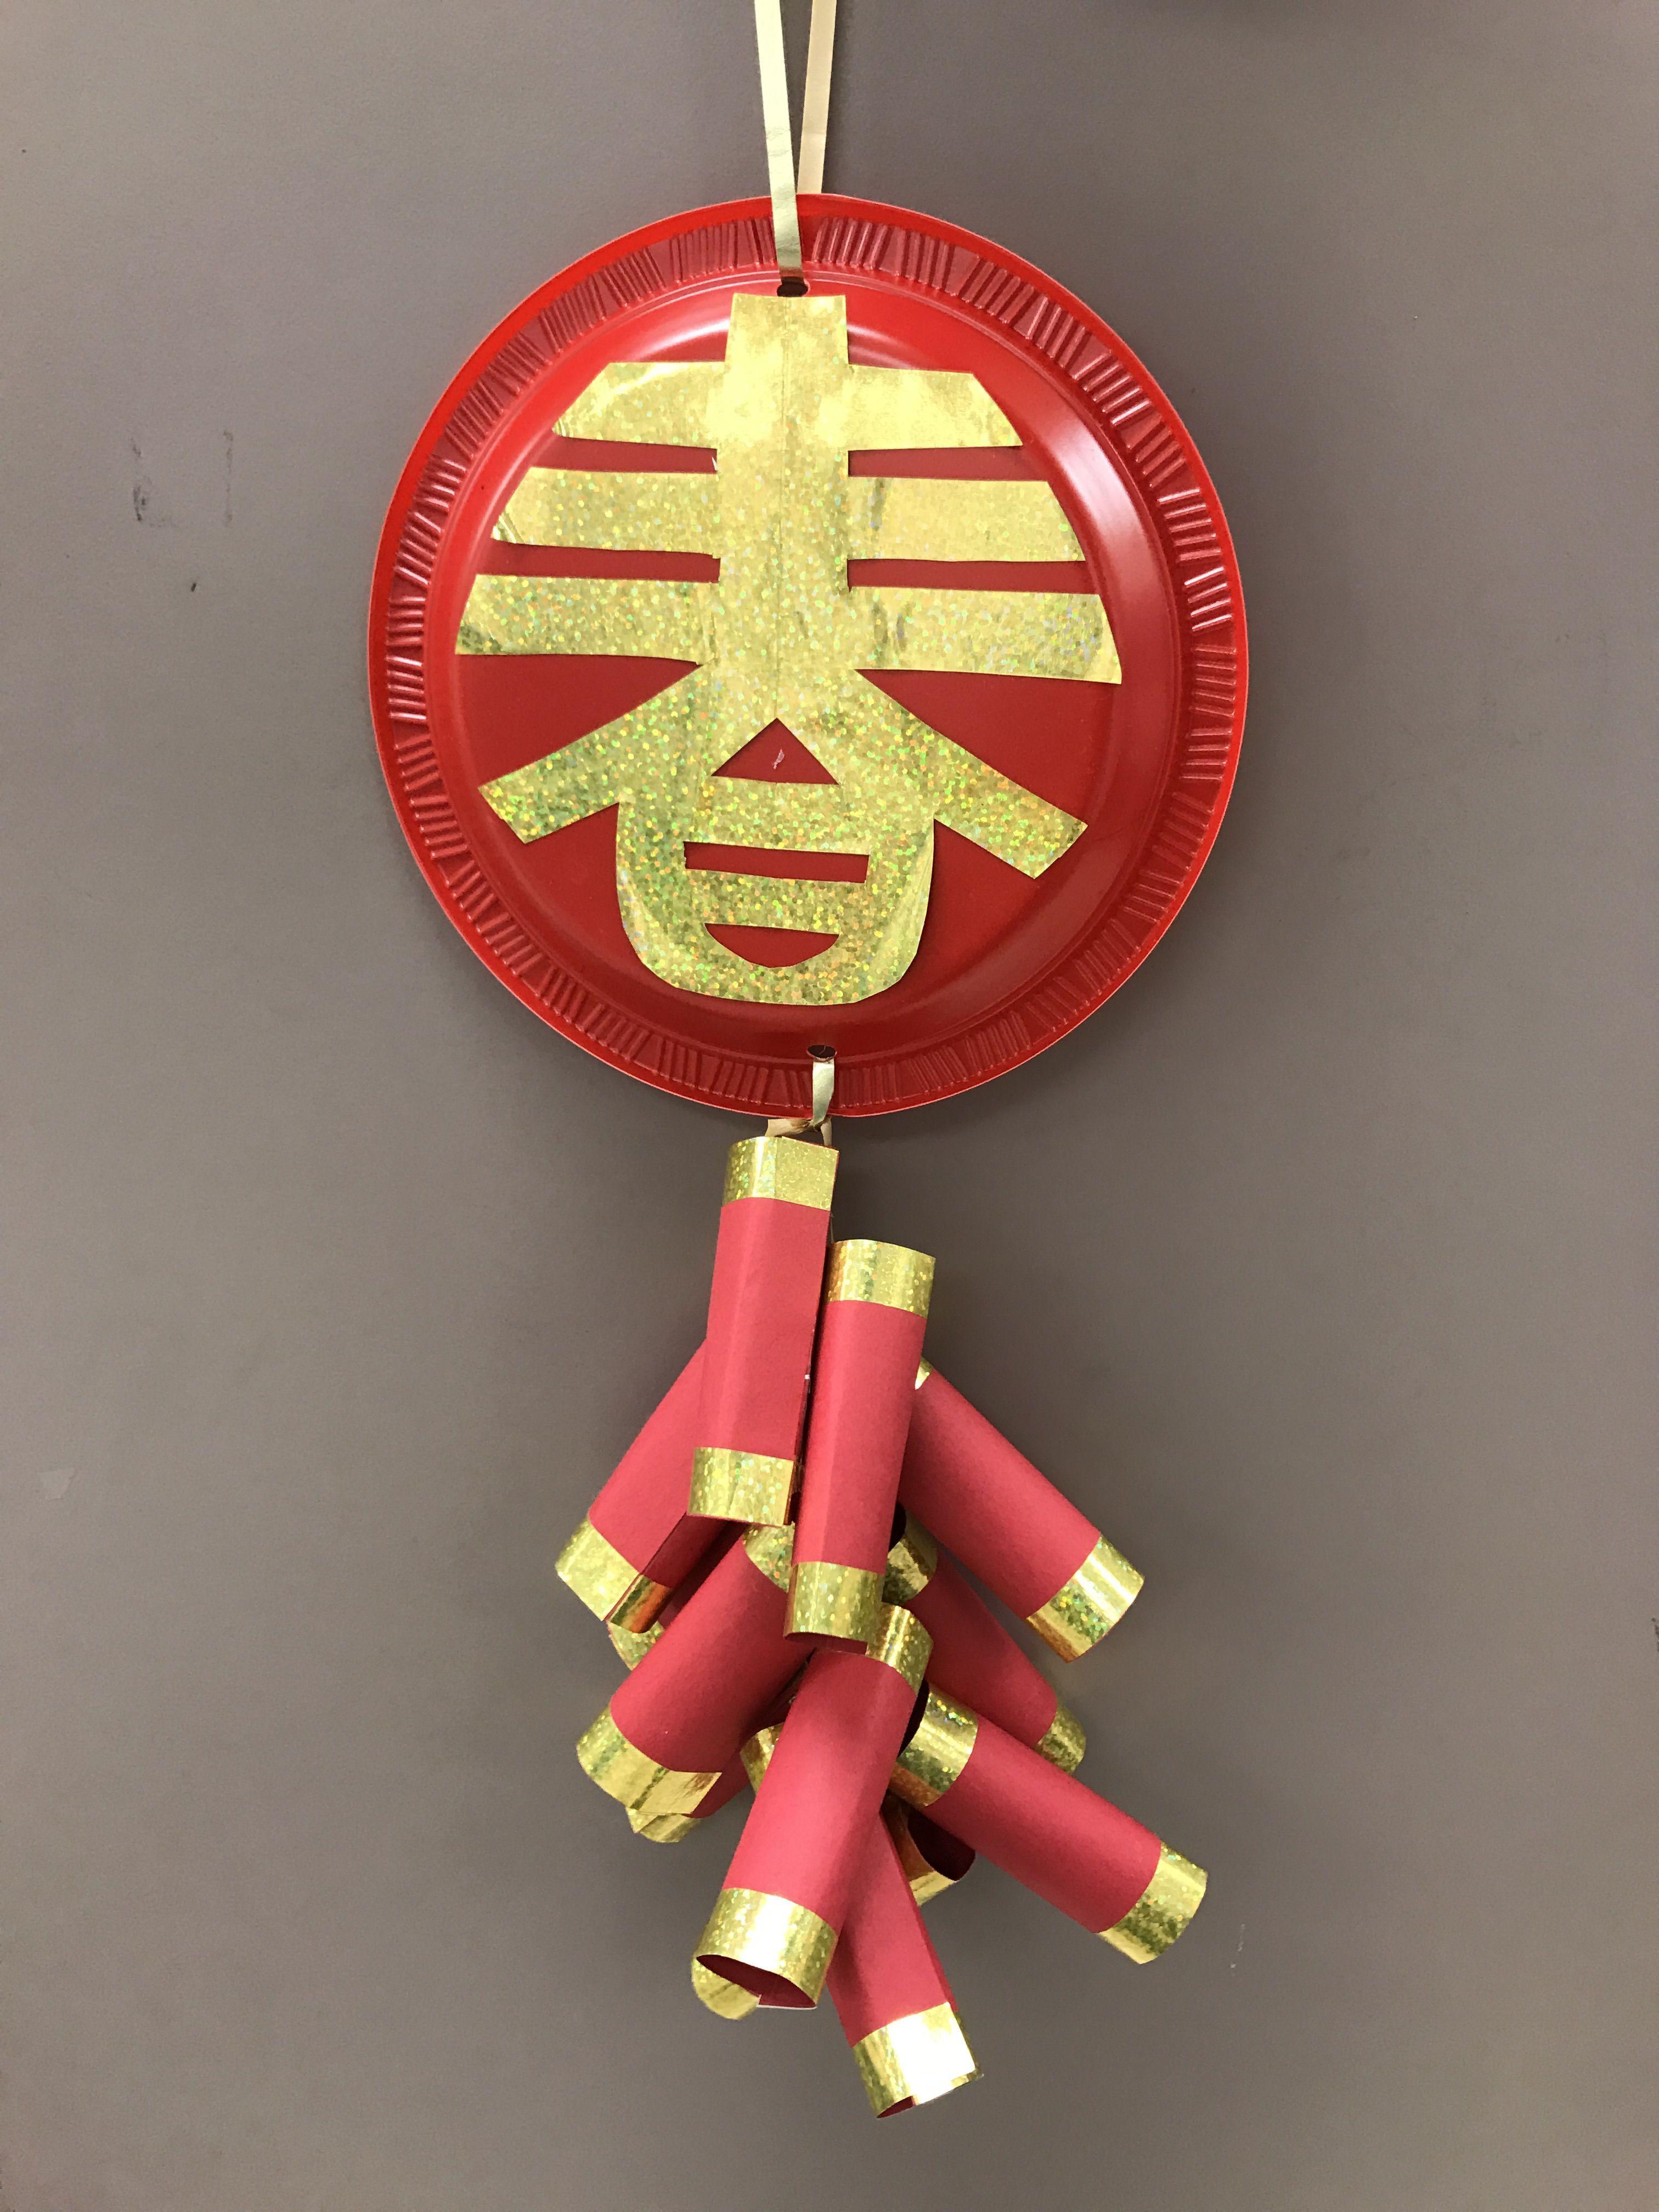 Chinese New Year Firecracker Craft Chinese Crafts New Year Diy Chinese New Year Crafts For Kids